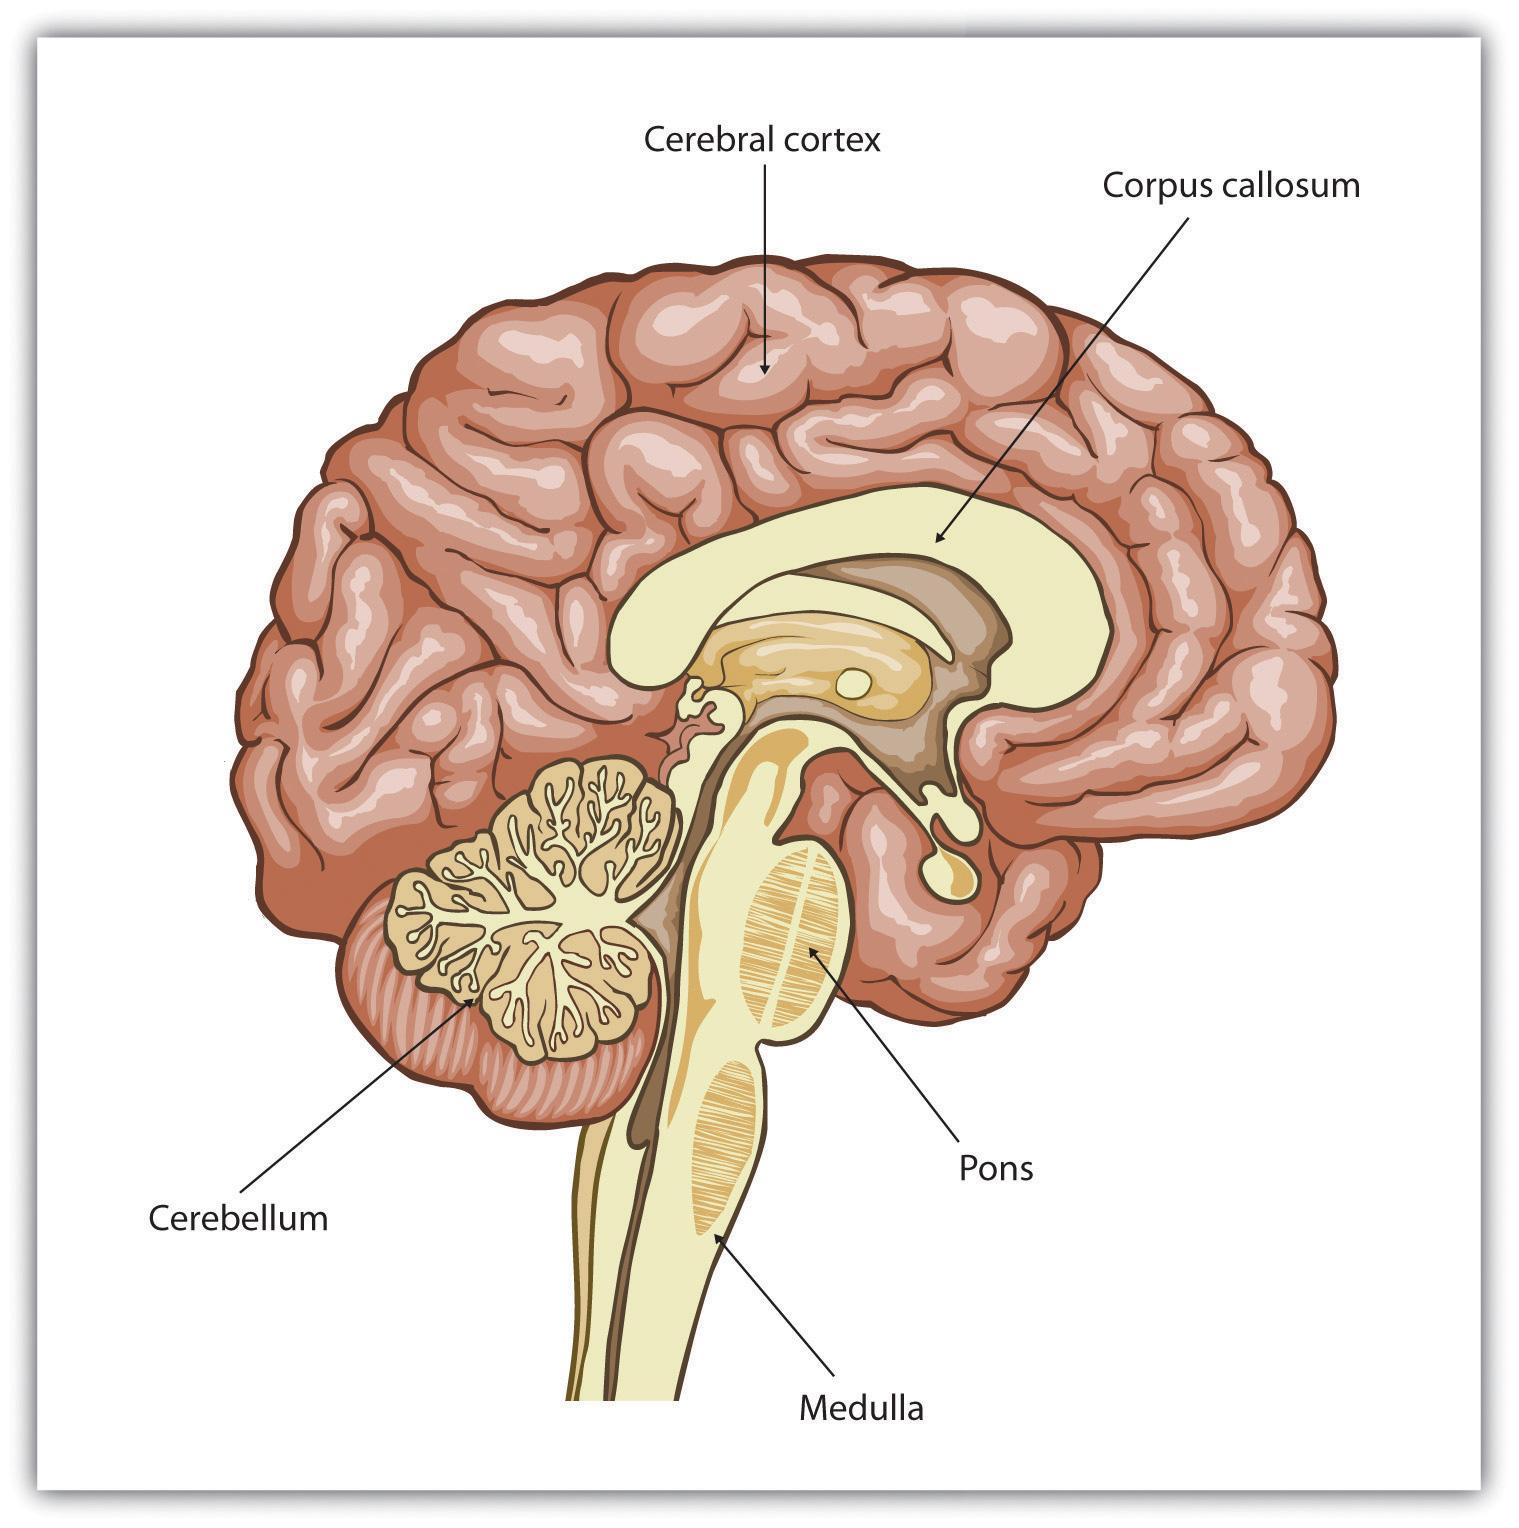 Right Cerebral Cortex as The Cerebral Cortex